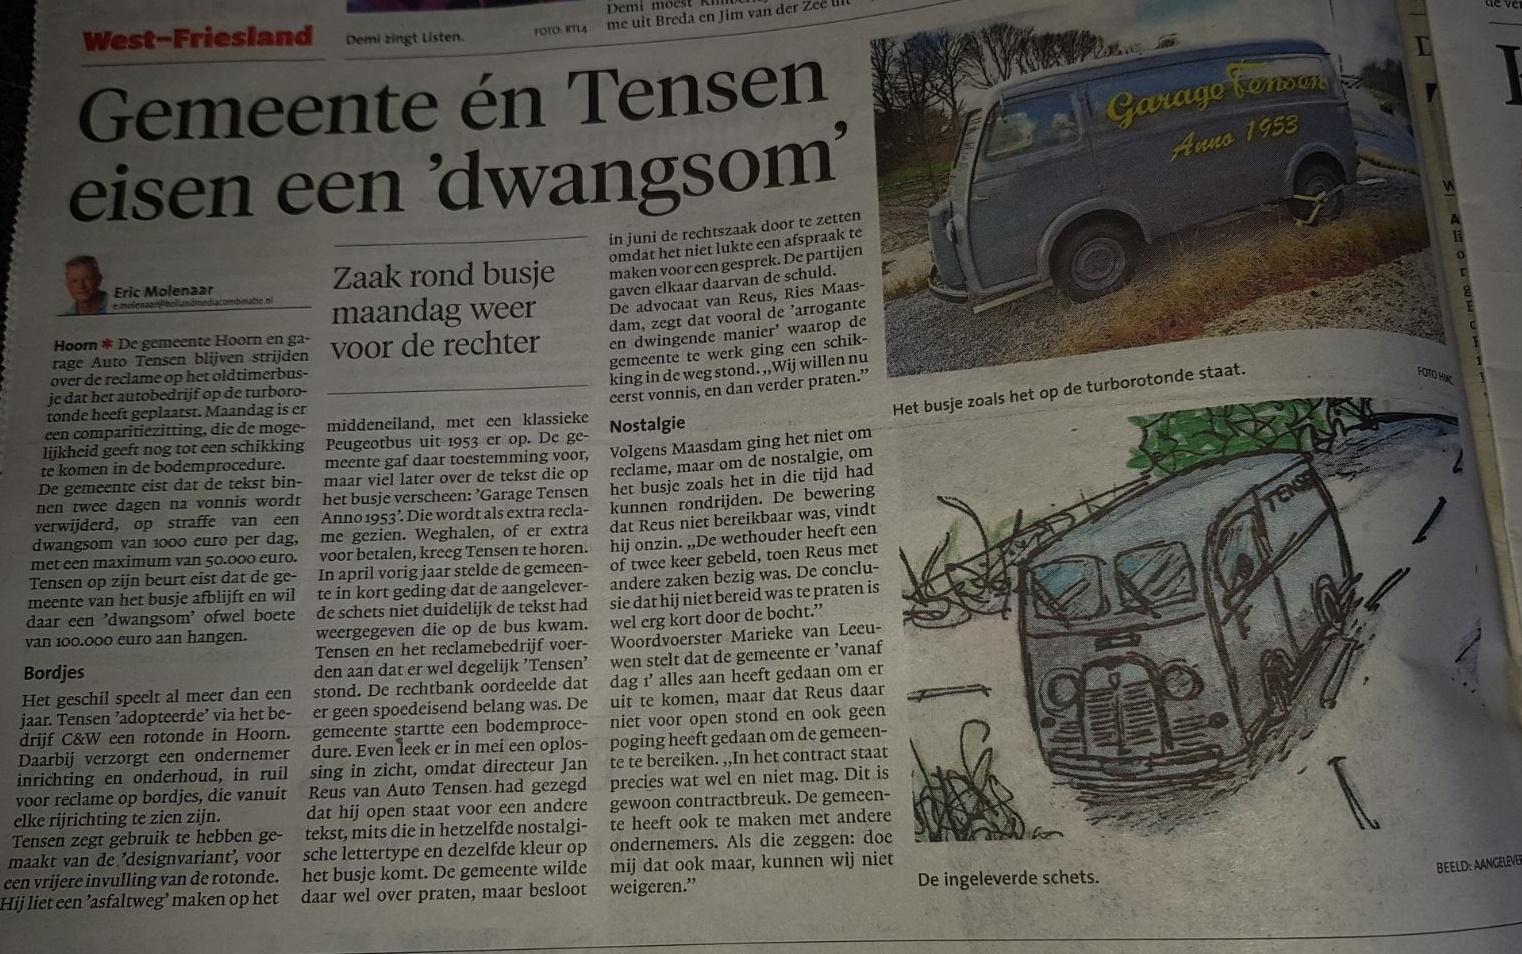 Ries Maasdam advocaat Tensen turbo rotonde advocatenkantoor zitting nieuws Hoorn Zwaag